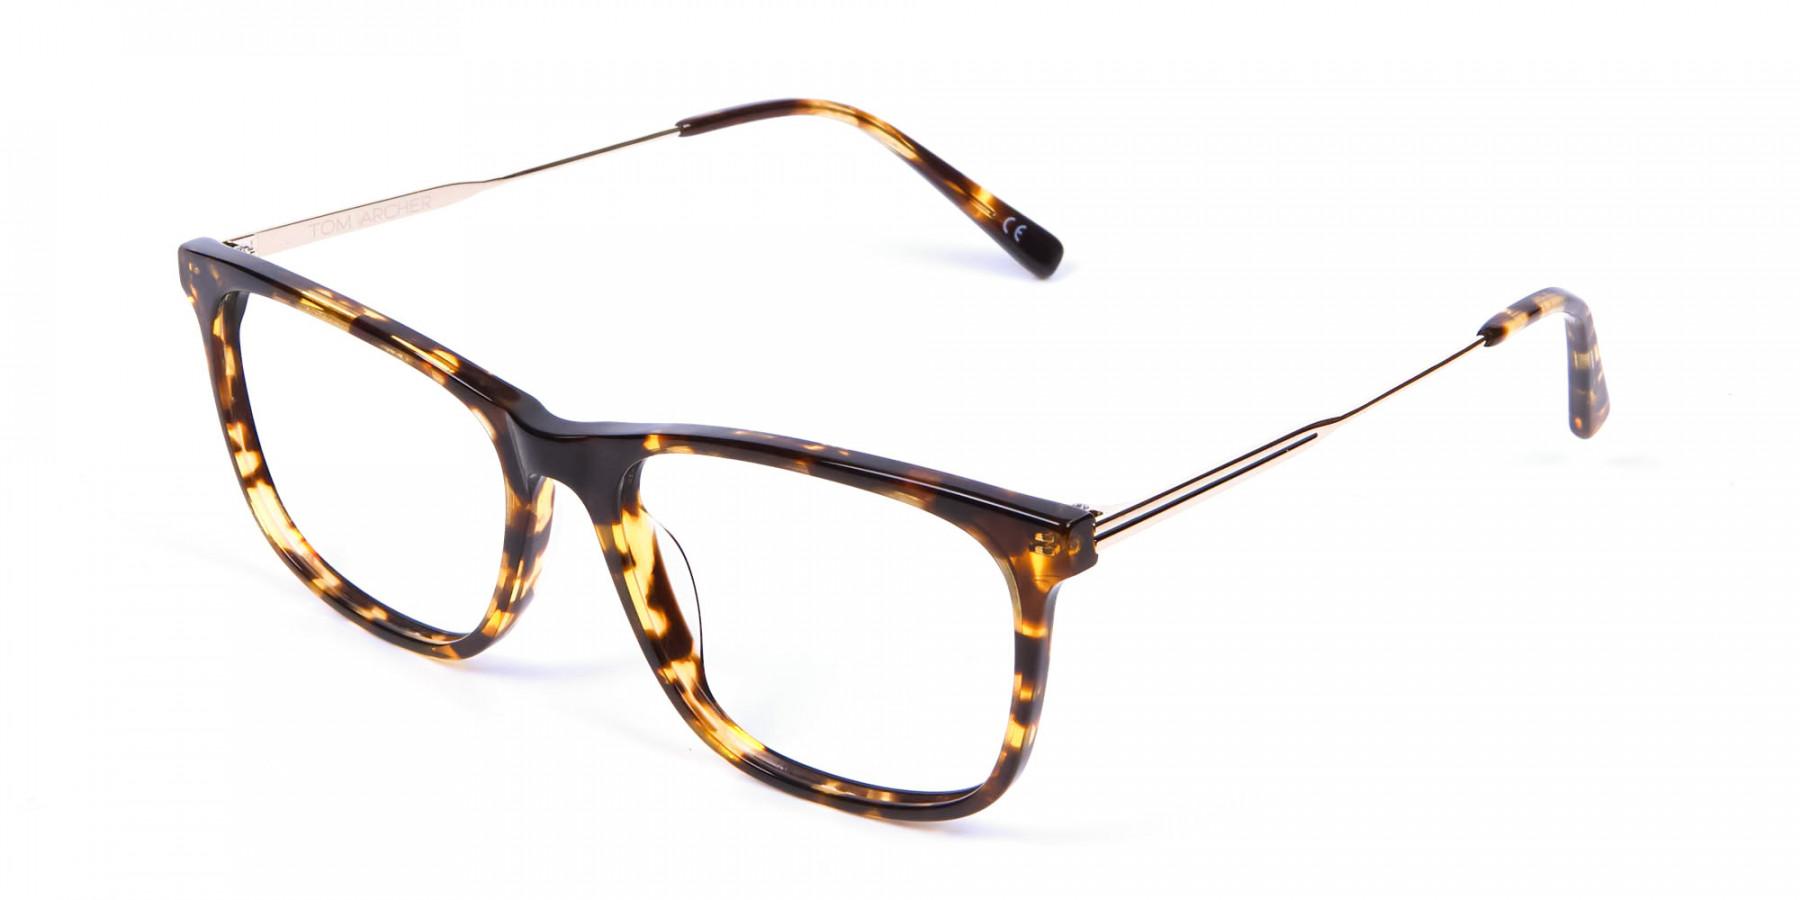 Chic Metallic Tortoiseshell Glasses